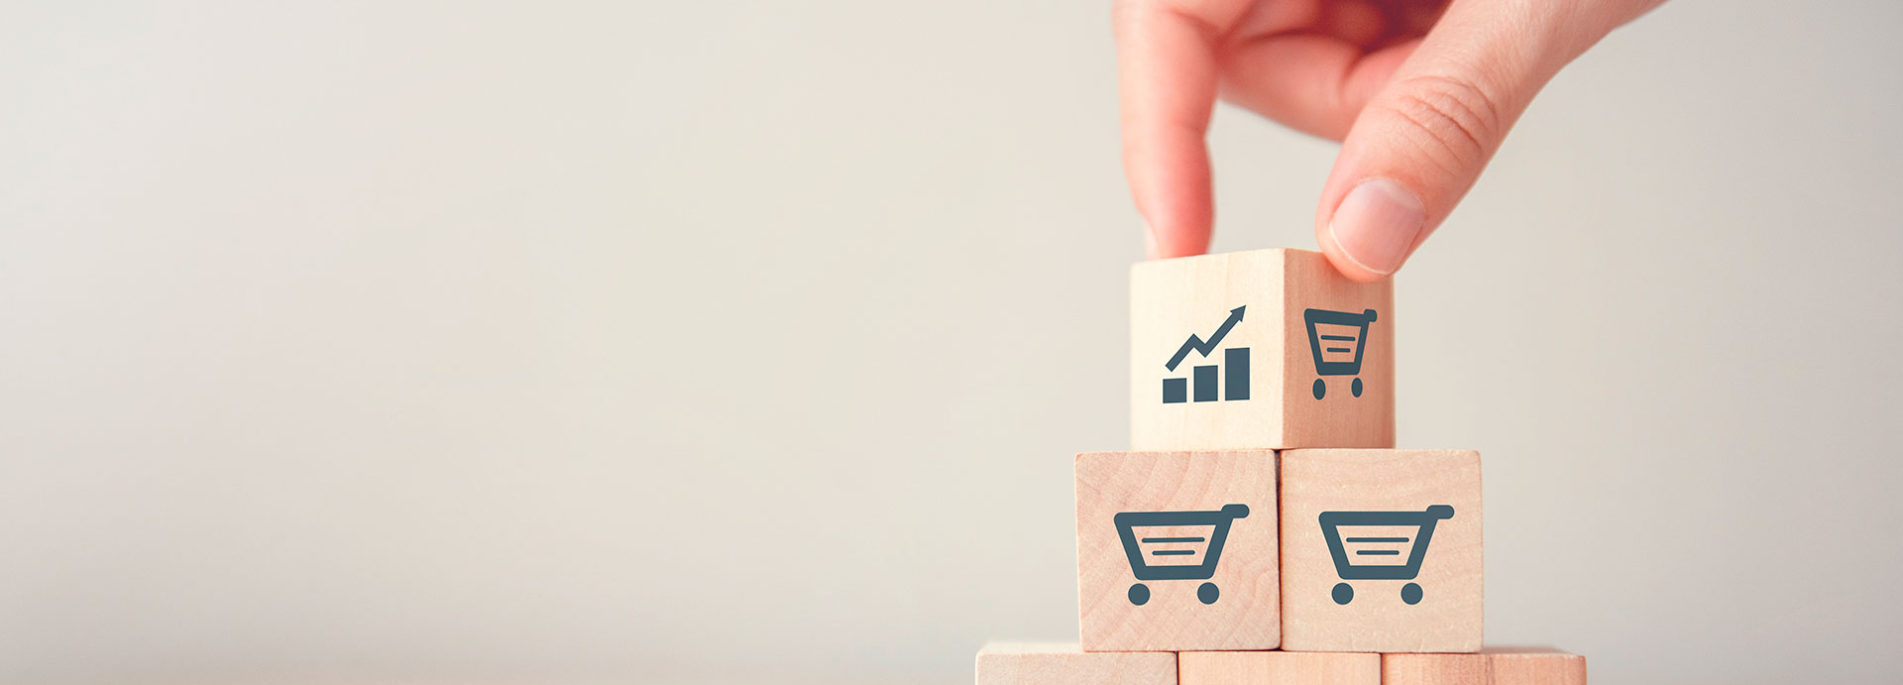 Conheça 5 Indústrias que estão transformando o atendimento ao cliente